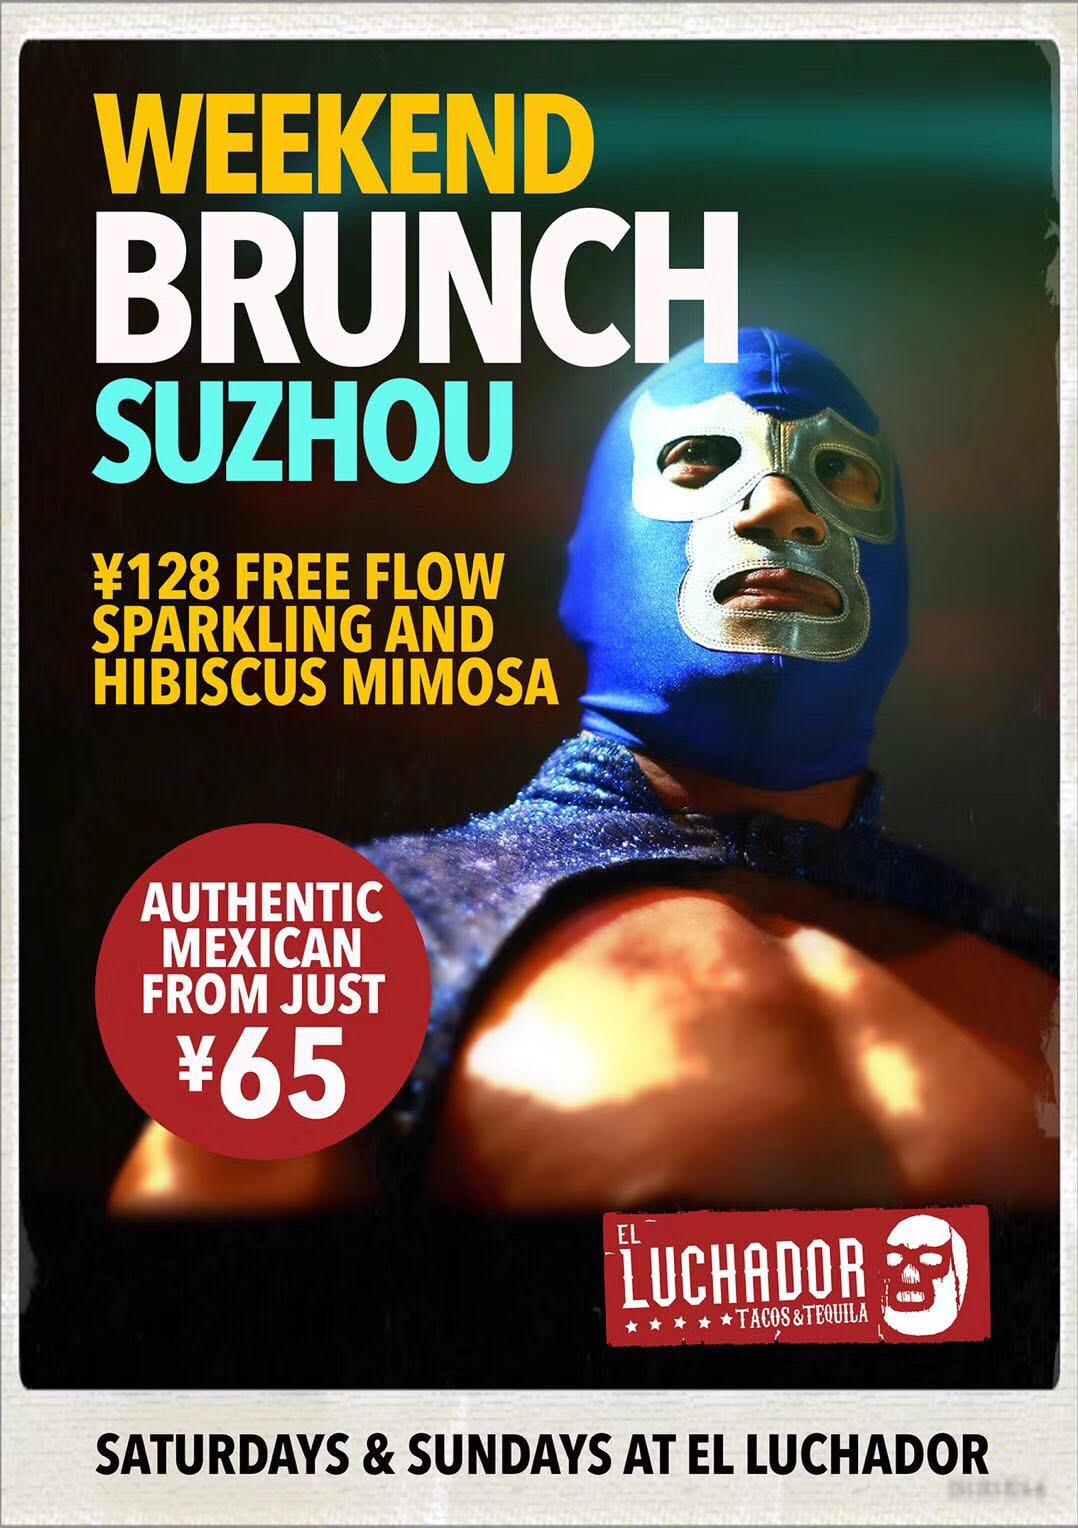 Auténtico Mexicano Weekend Brunch at El Luchador